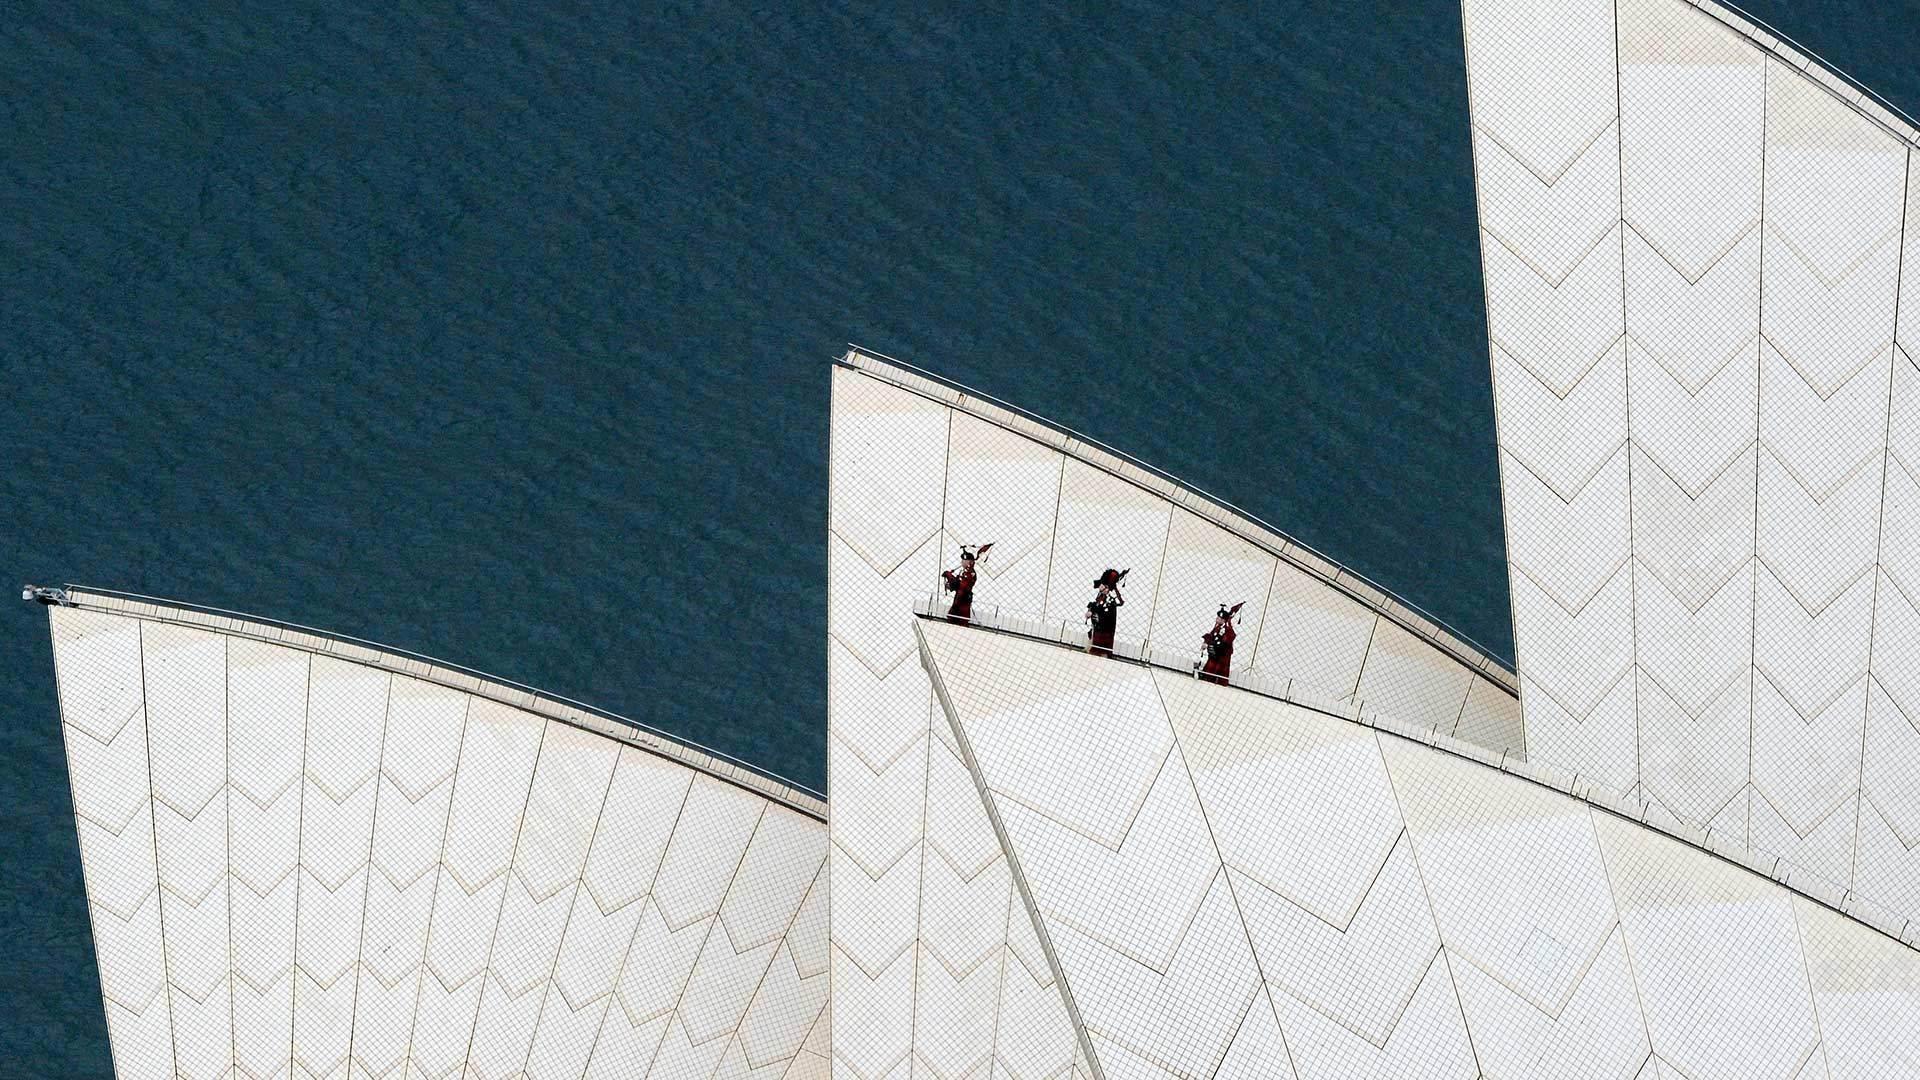 皇家高地燧发枪团在悉尼歌剧院屋顶演奏风笛